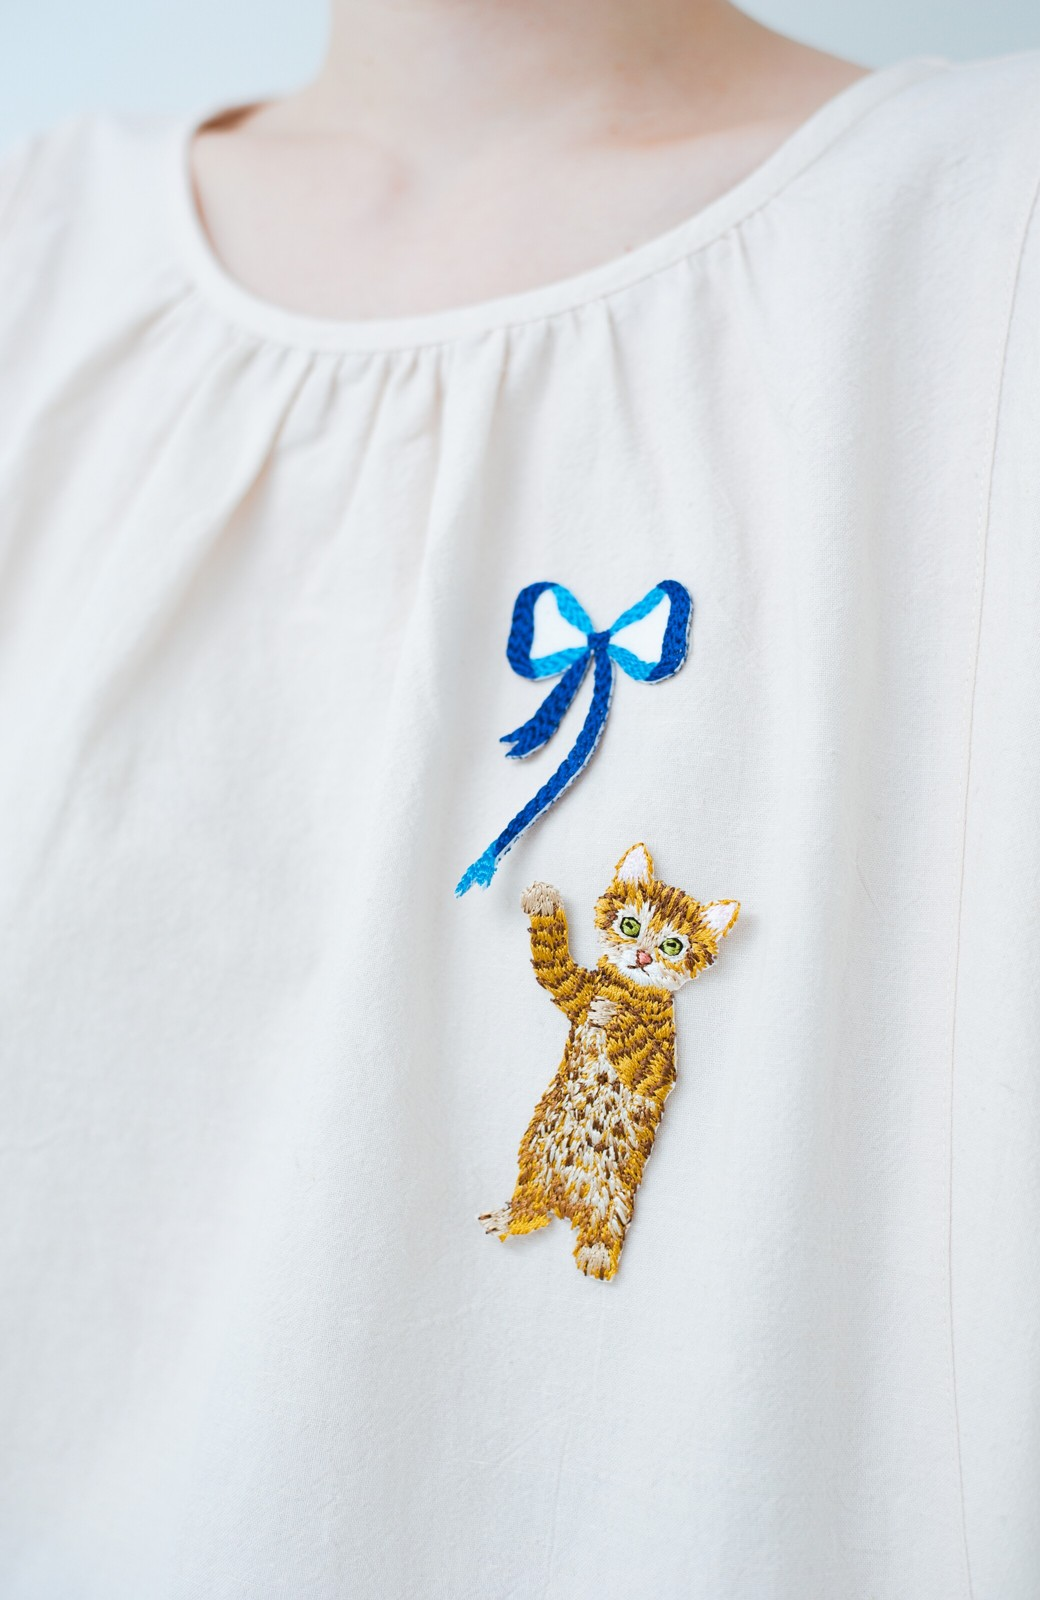 haco! PBP minne作家 シマヅカオリさんと作ったオーガニックコットンの綿麻ブラウス&猫とリボンの刺繍ワッペンセット by haco!×minne one+more project  <ライトベージュ>の商品写真3